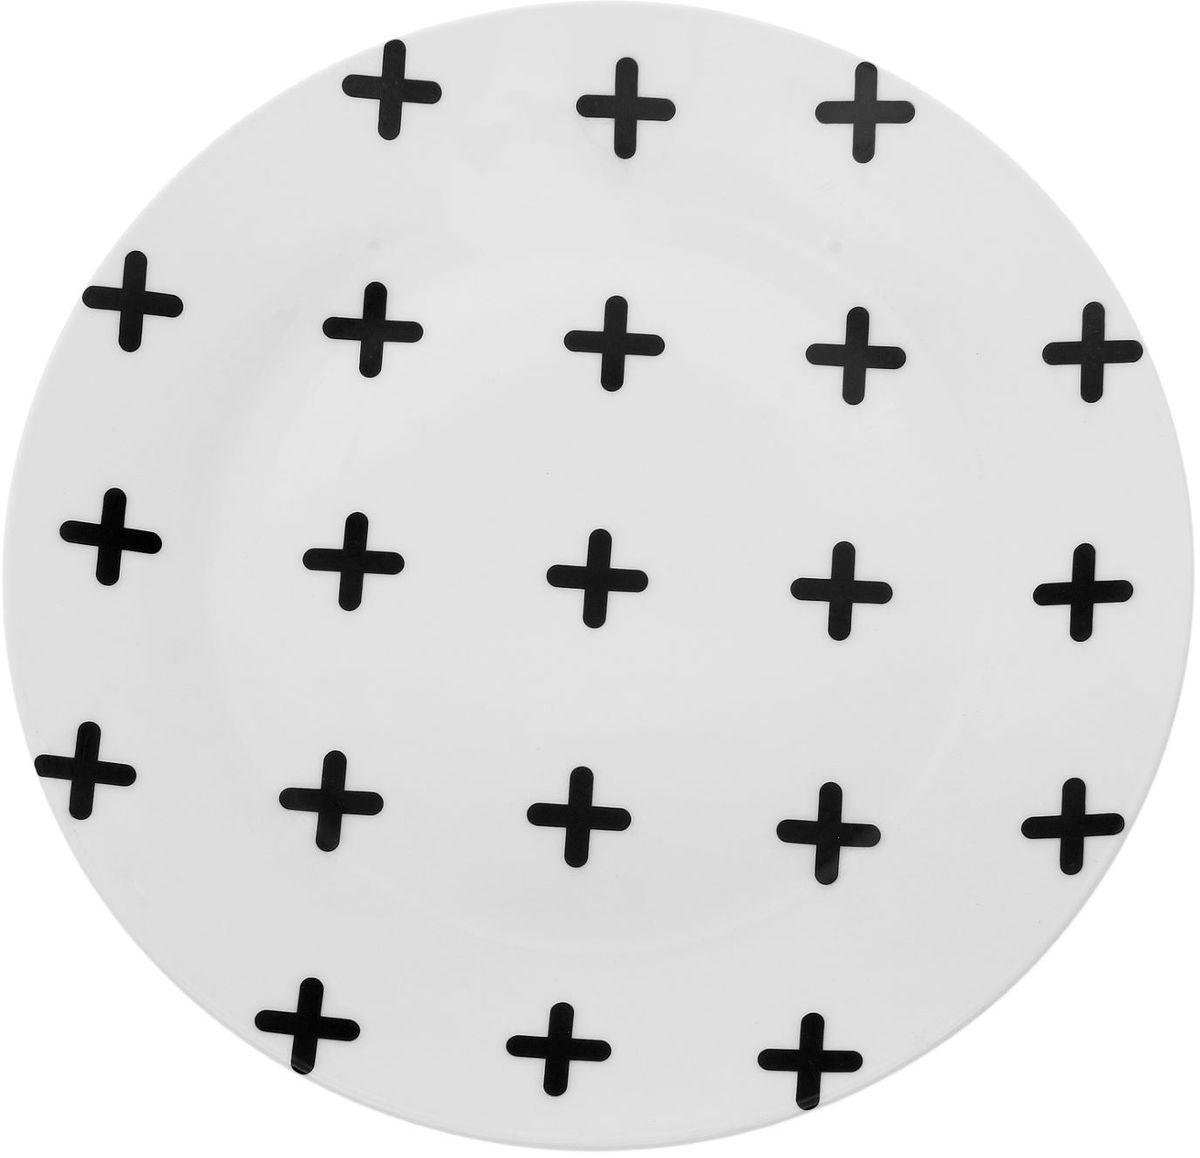 Тарелка Сотвори чудо My Little Cross, диаметр 23 см1661827Хотите обновить интерьер кухни или гостиной? Устраиваете необычную фотосессию или тематический праздник? А может, просто ищете подарок для близкого человека? Посуда Сотвори Чудо — правильный выбор в любой ситуации. Тарелка Сотвори Чудо, изготовленная из изящного фаянса нежного сливочного цвета, оформлена оригинальным рисунком со стойкой краской. Пригодна для посудомоечной машины.